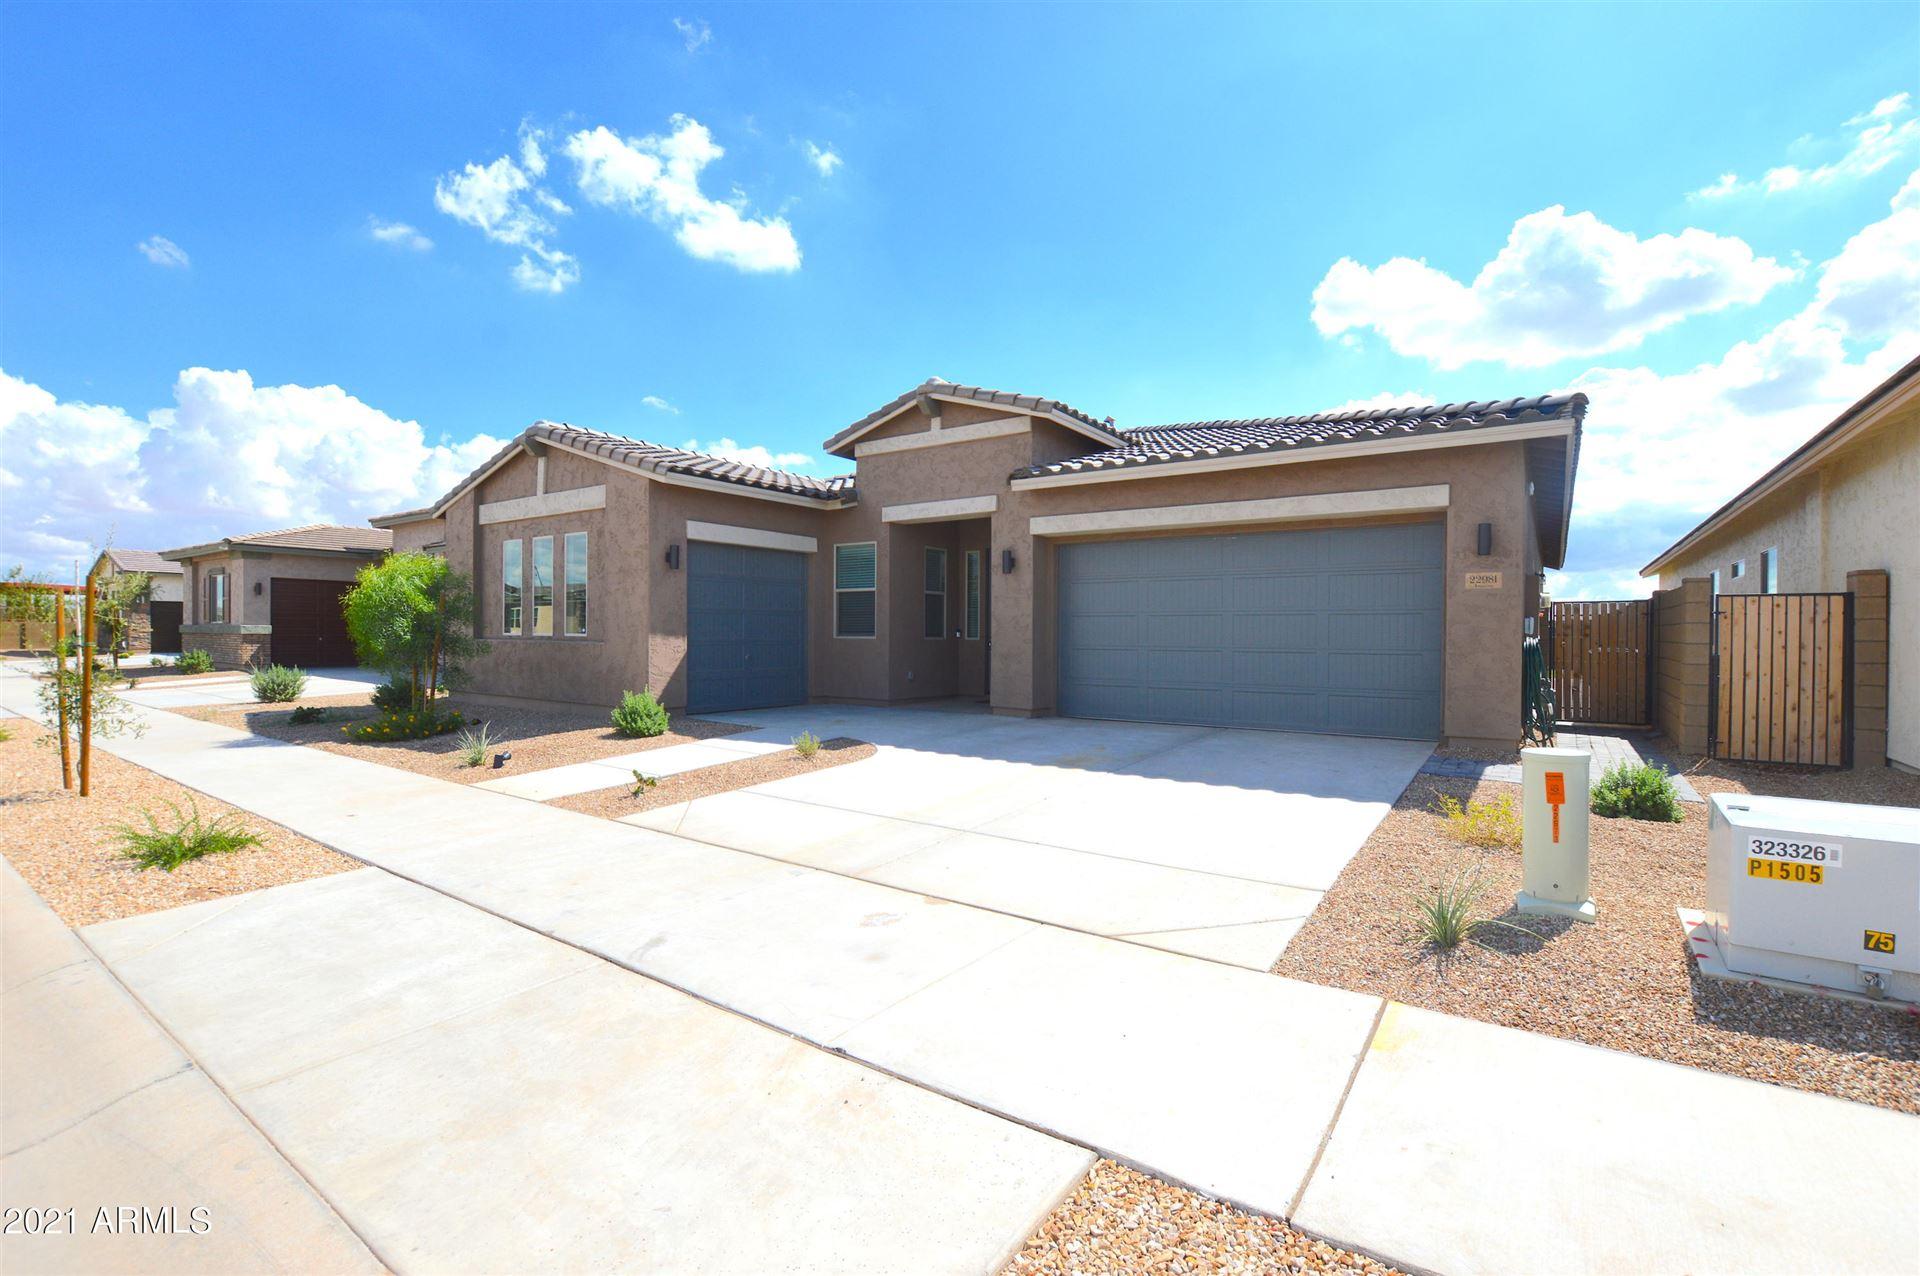 Photo of 22981 E Camina Buena Vista, Queen Creek, AZ 85142 (MLS # 6222104)